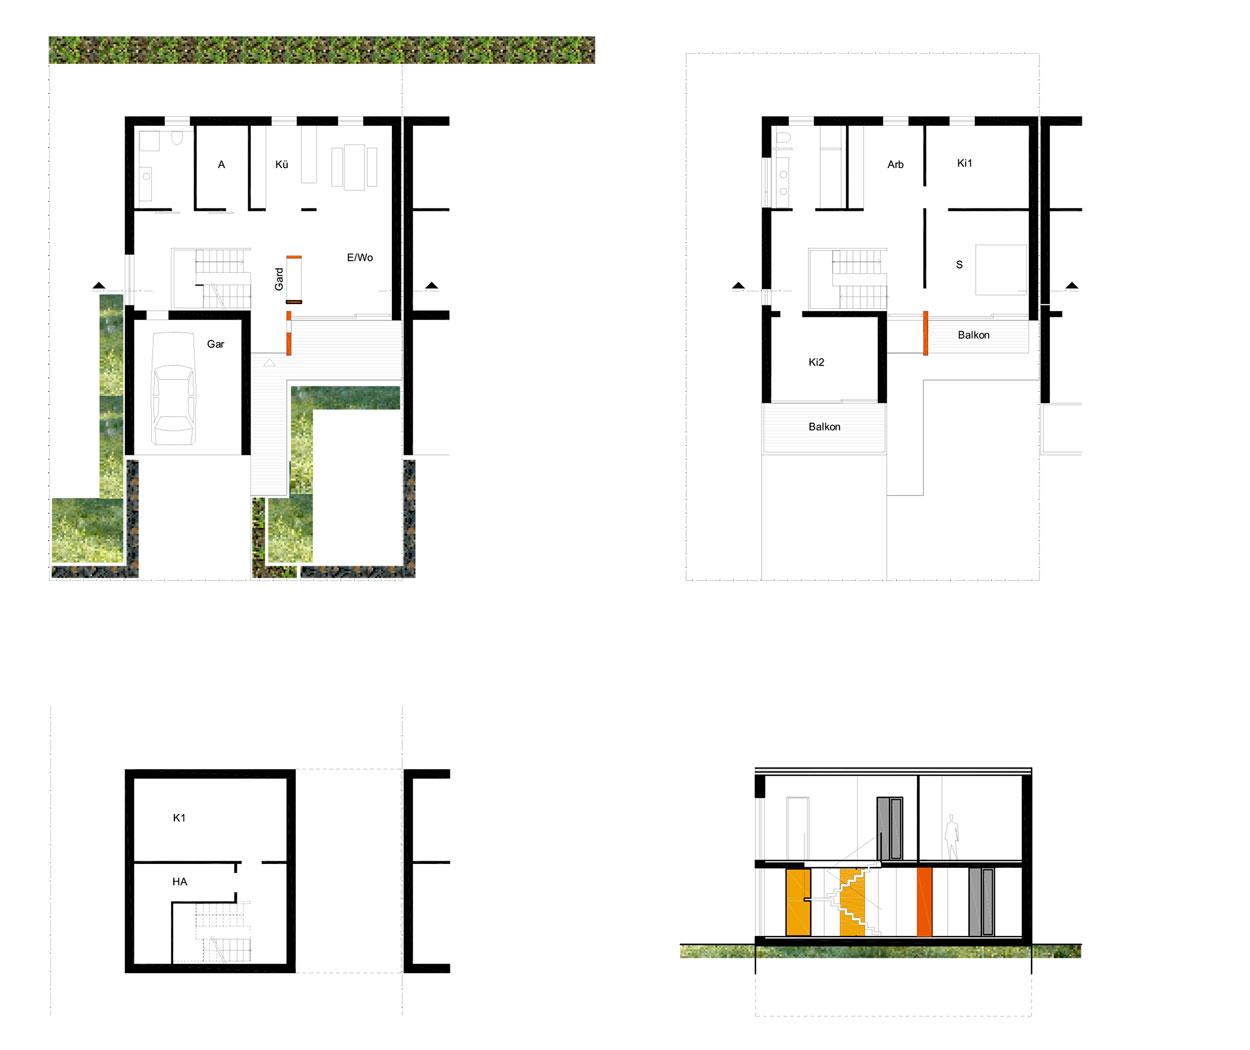 Gartenhaus Grundriss Wohngebiet Sunderweg Gevelsberg Qualifizierungsverfahren für Wohnbebauung Planquadrat Dortmund